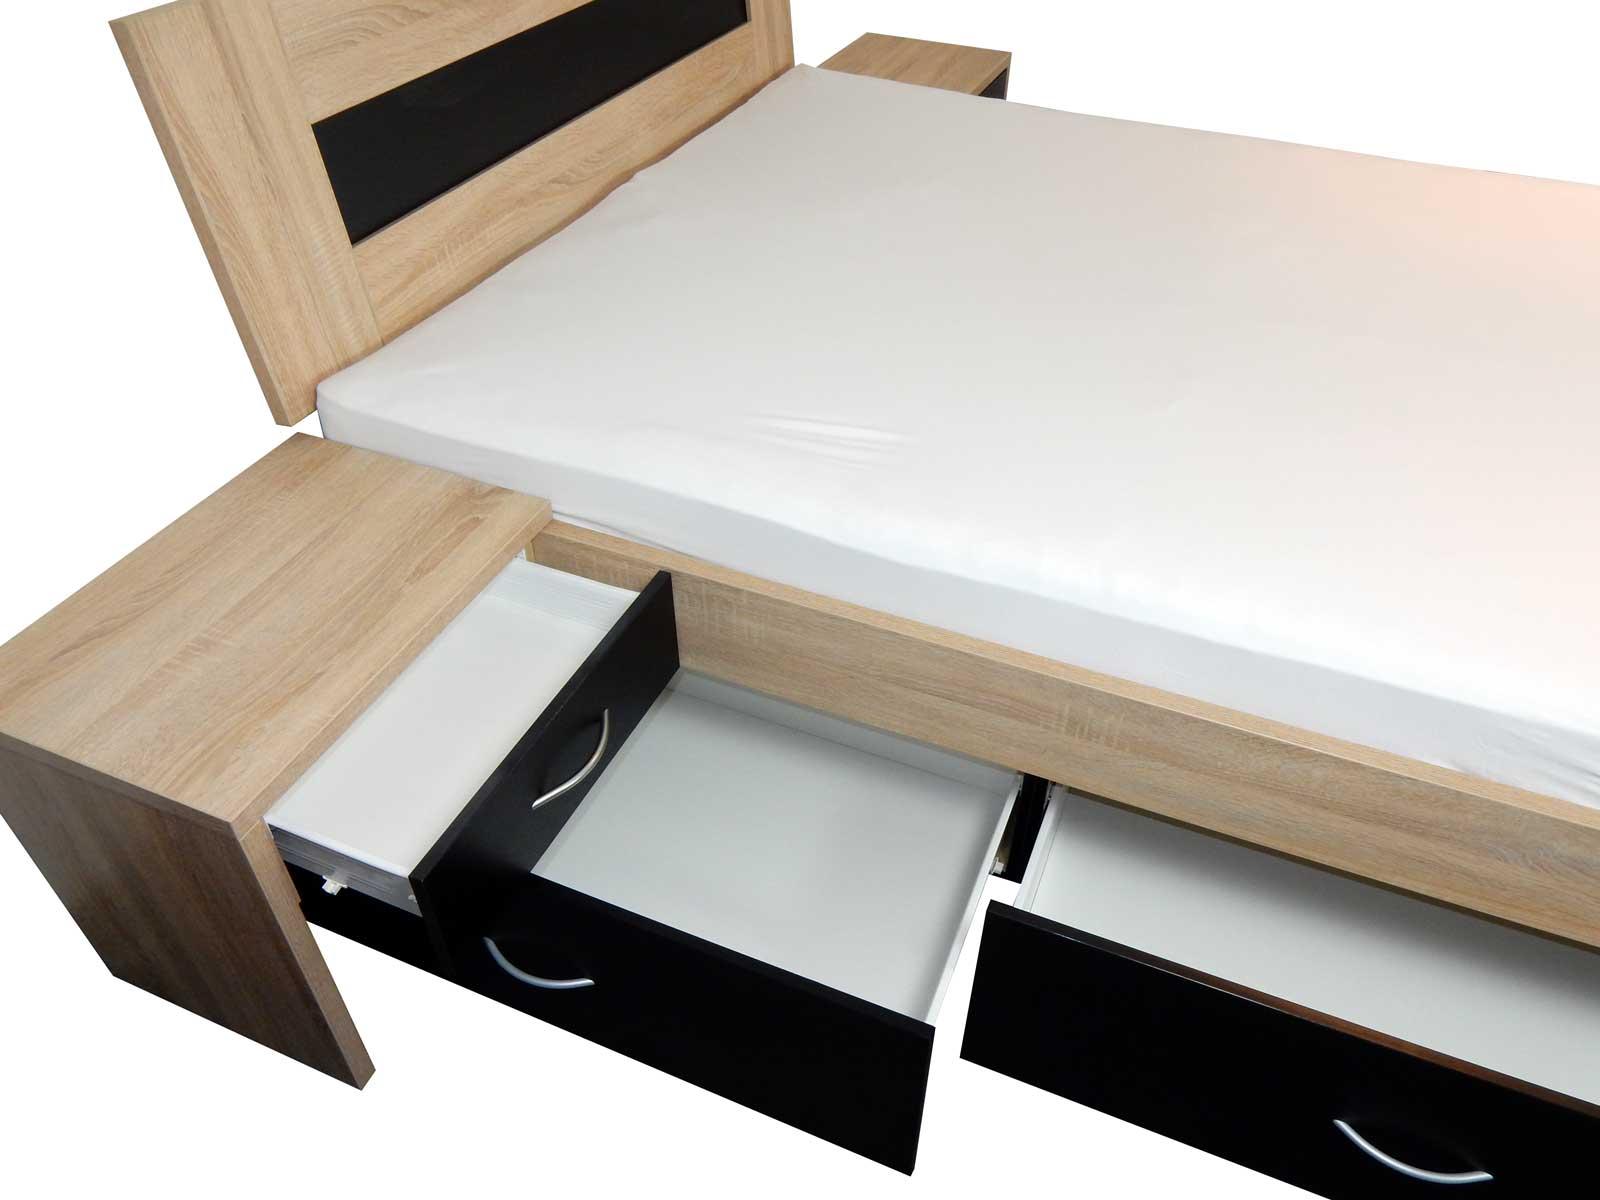 werksverkauf d sseldorf wasserbetten gro handel werksverkauf neuss d sseldorf. Black Bedroom Furniture Sets. Home Design Ideas